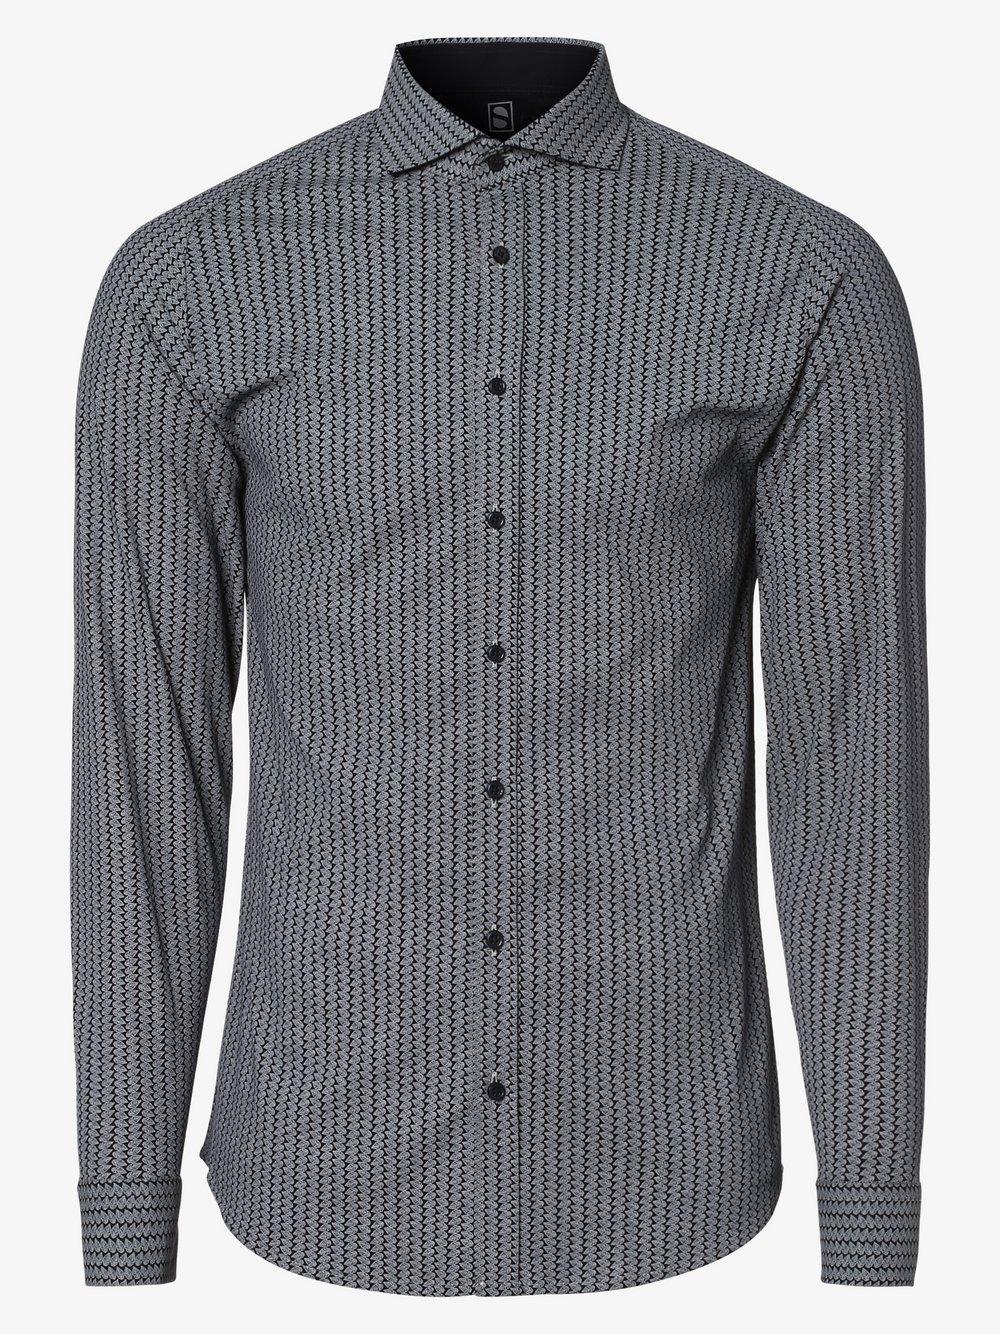 DESOTO – Koszula męska, niebieski Van Graaf 483879-0002-09920